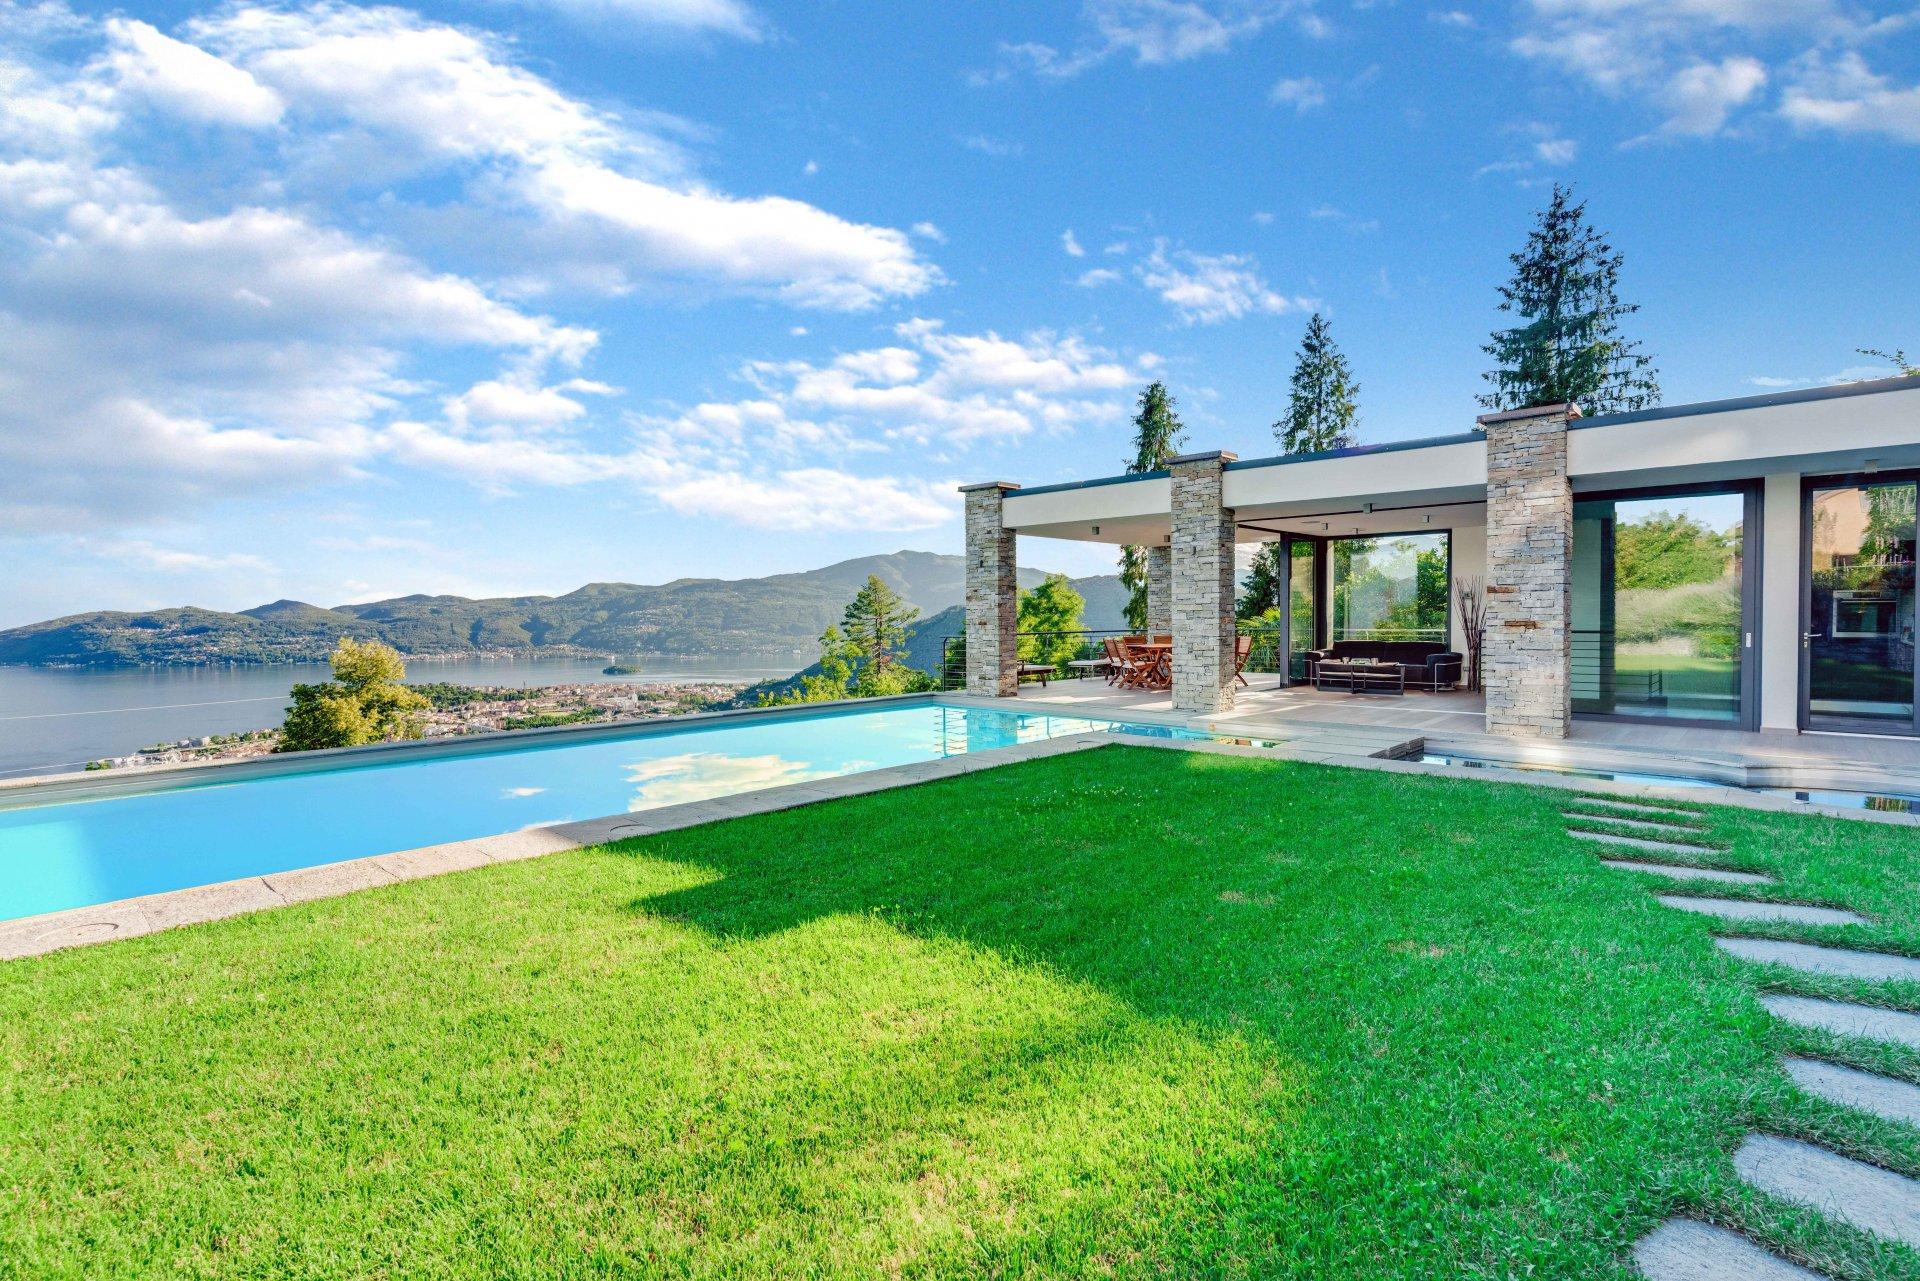 Elegante Villa Con Piscina Pool-House Sulla Collina Del Lago Maggiore